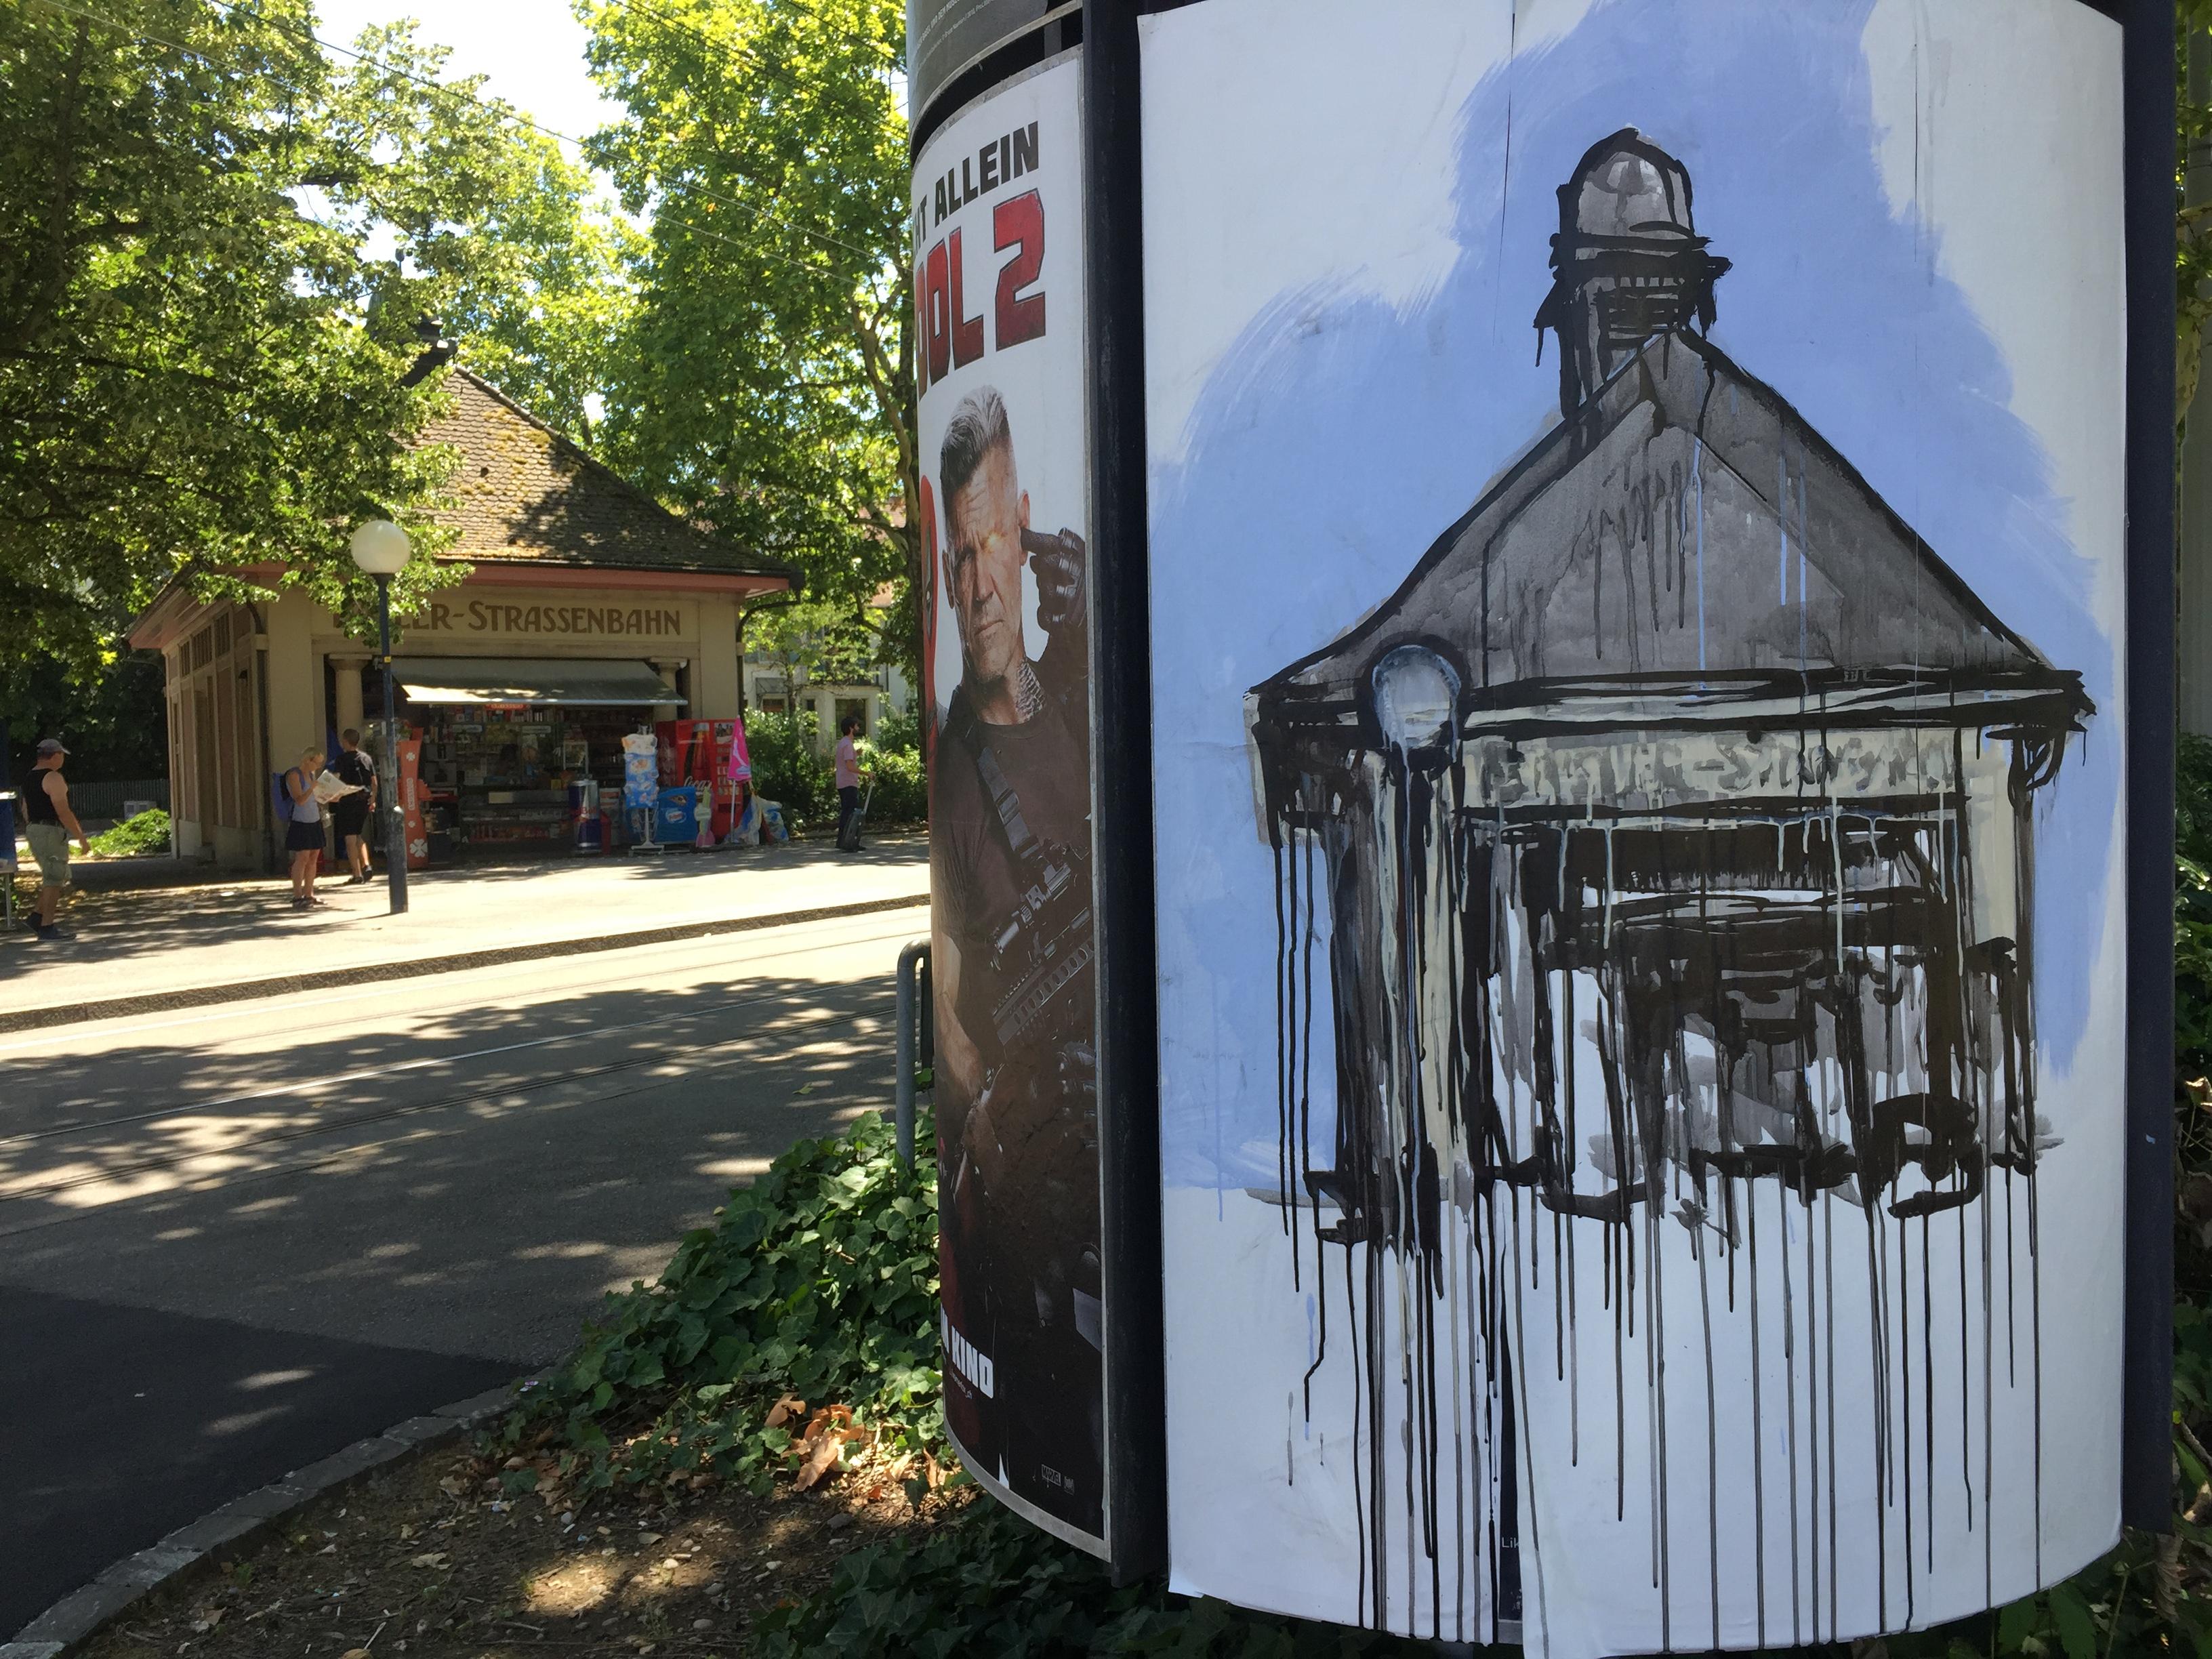 Eines der neuen Bilder hängt am Kannenfeldplatz und zeigt den Kiosk im ehemaligen Verkaufshaus der Basler Strassenbahn.